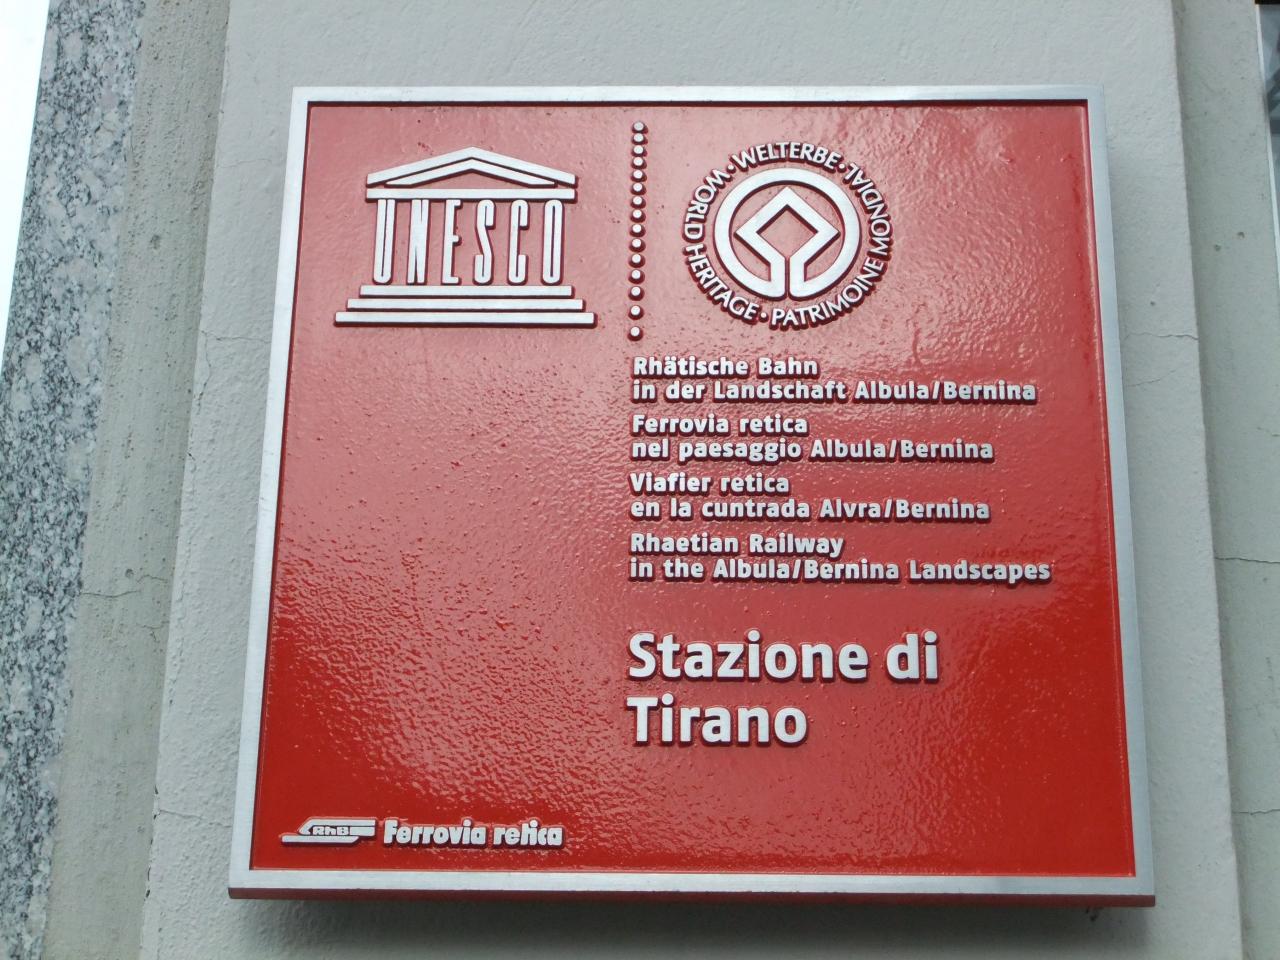 ティラーノ駅にはユネスコの世界遺産表示がされてい... レーティシュ鉄道アルブラ線 ベルニナ線と